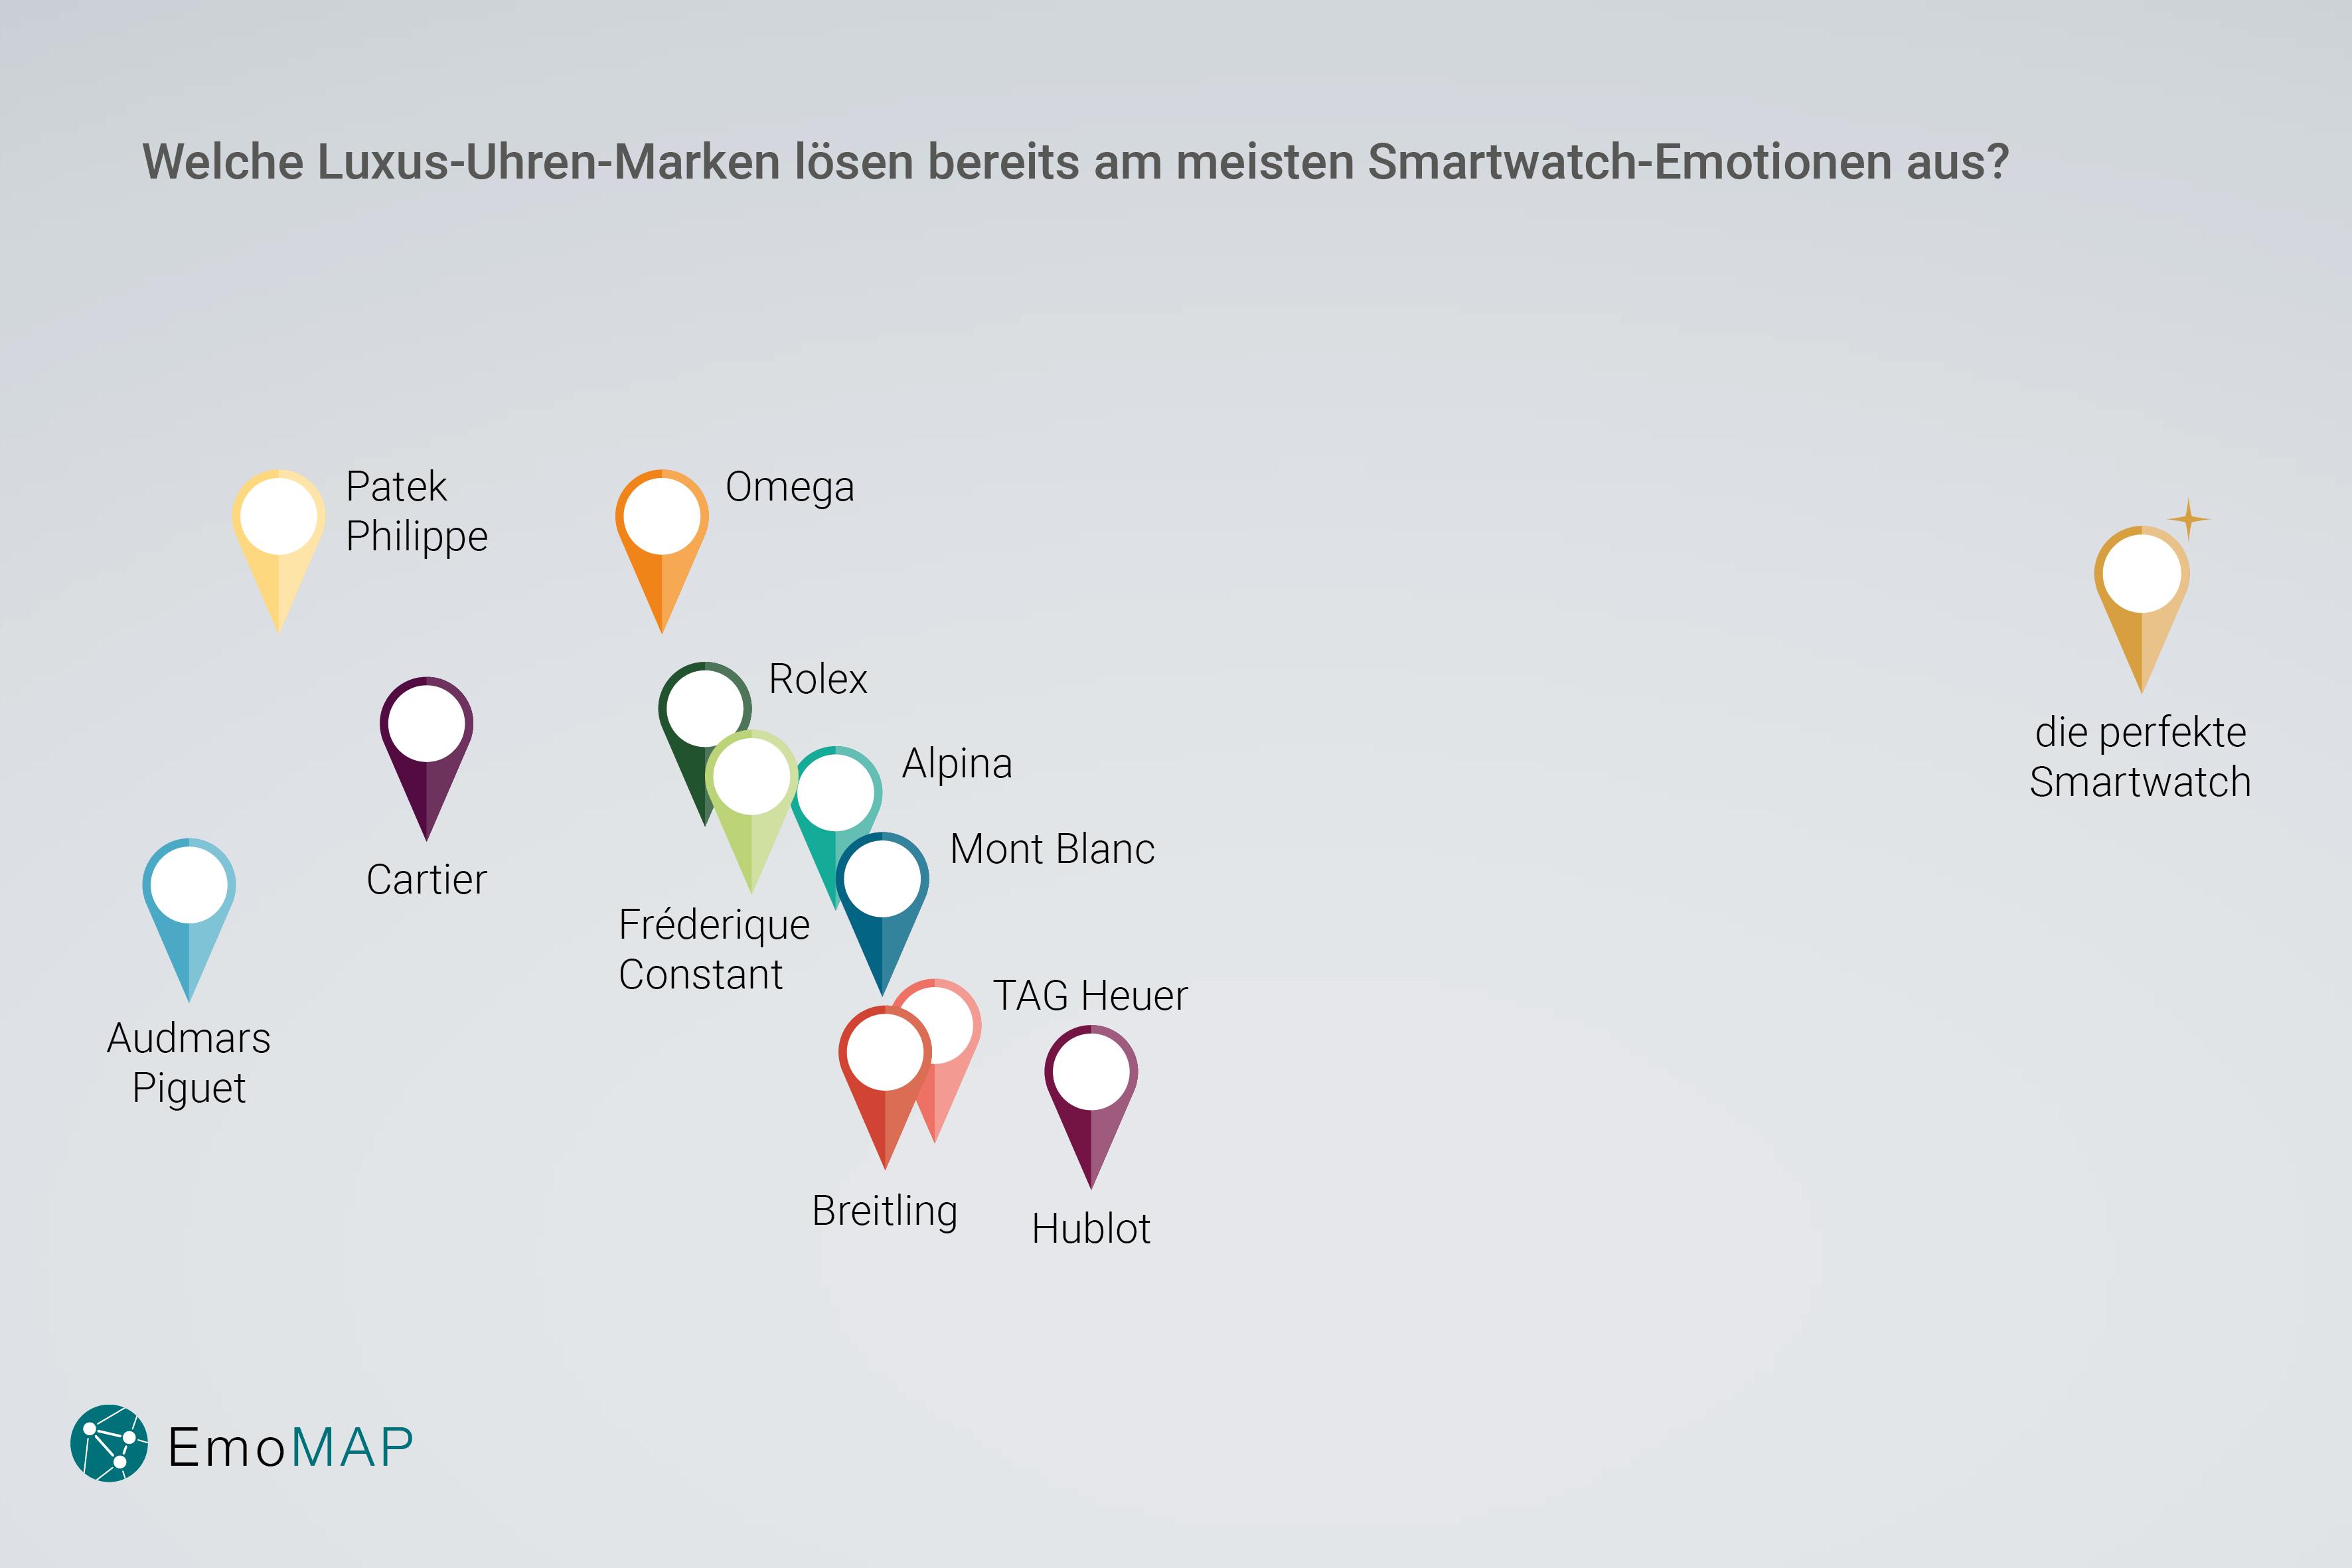 Die EmoMap© stellt dar, welche Markenemotionen jener einer perfekten Smartwatch am nächsten kommen.